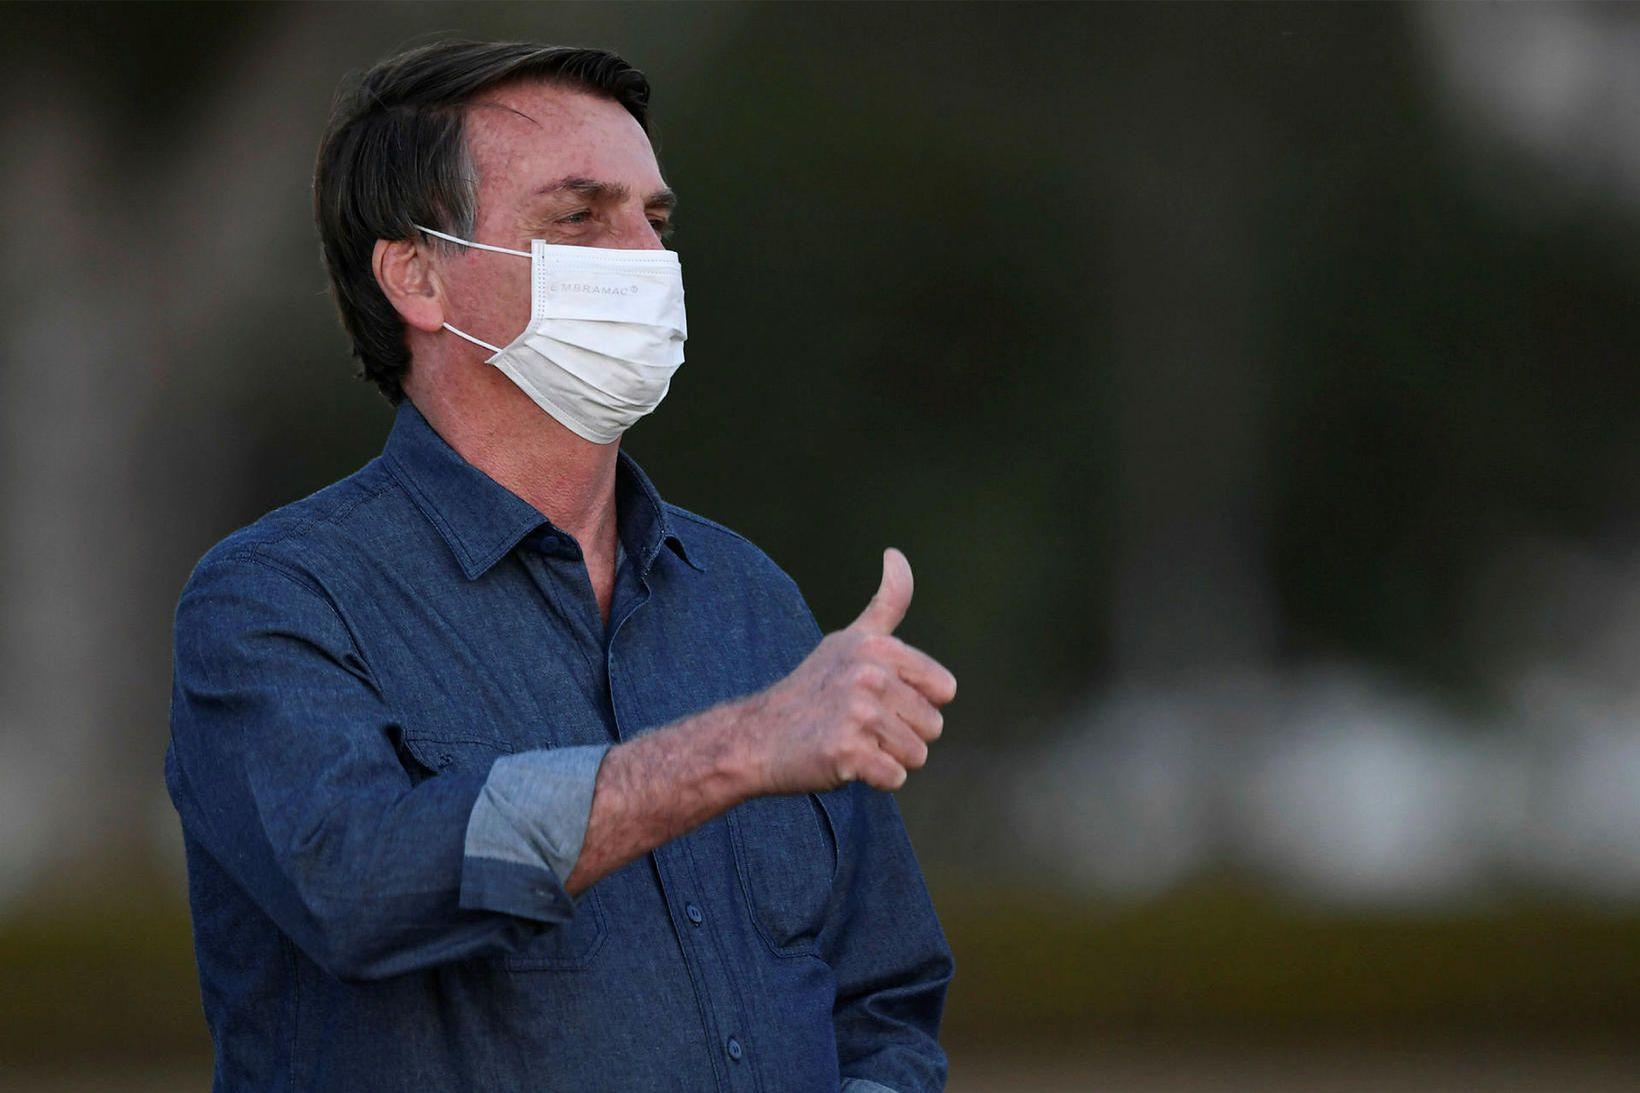 Jair Bolsonaro, forseti Brasilíu, ætlar að taka nýtt próf á …